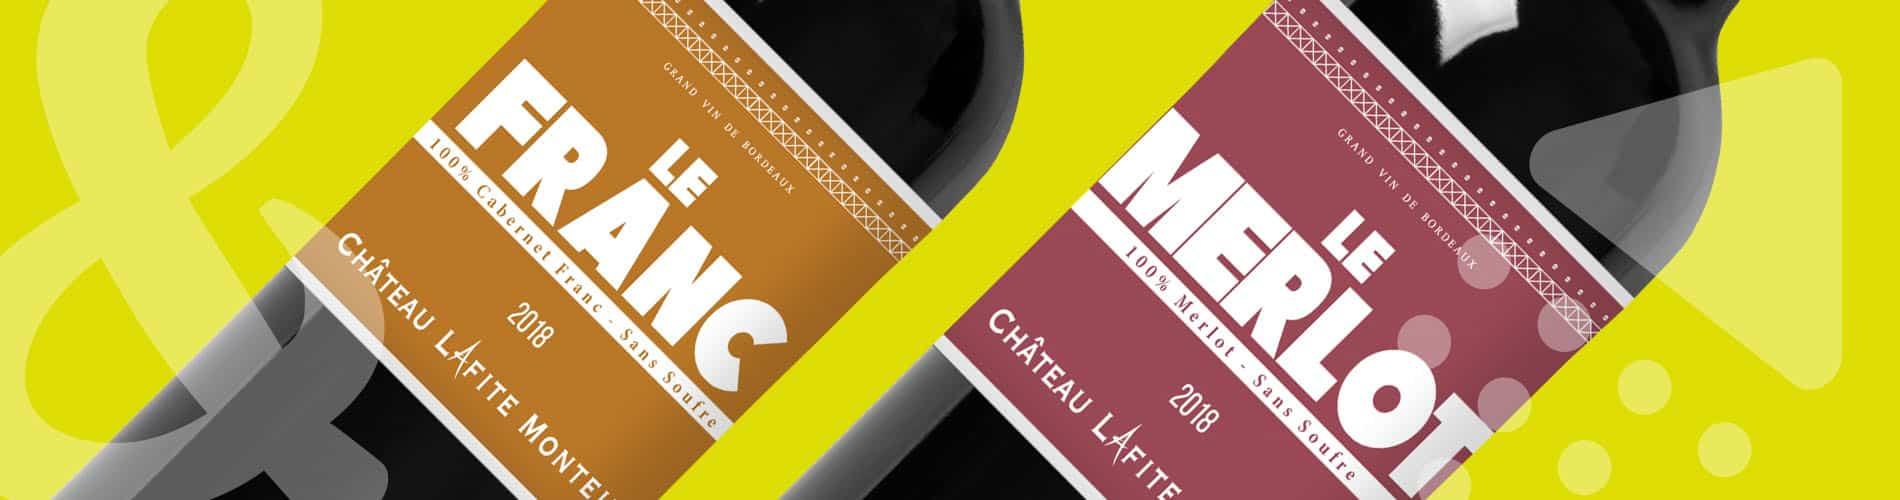 Up&Co étiquettes de vin Château Lafite-Monteil